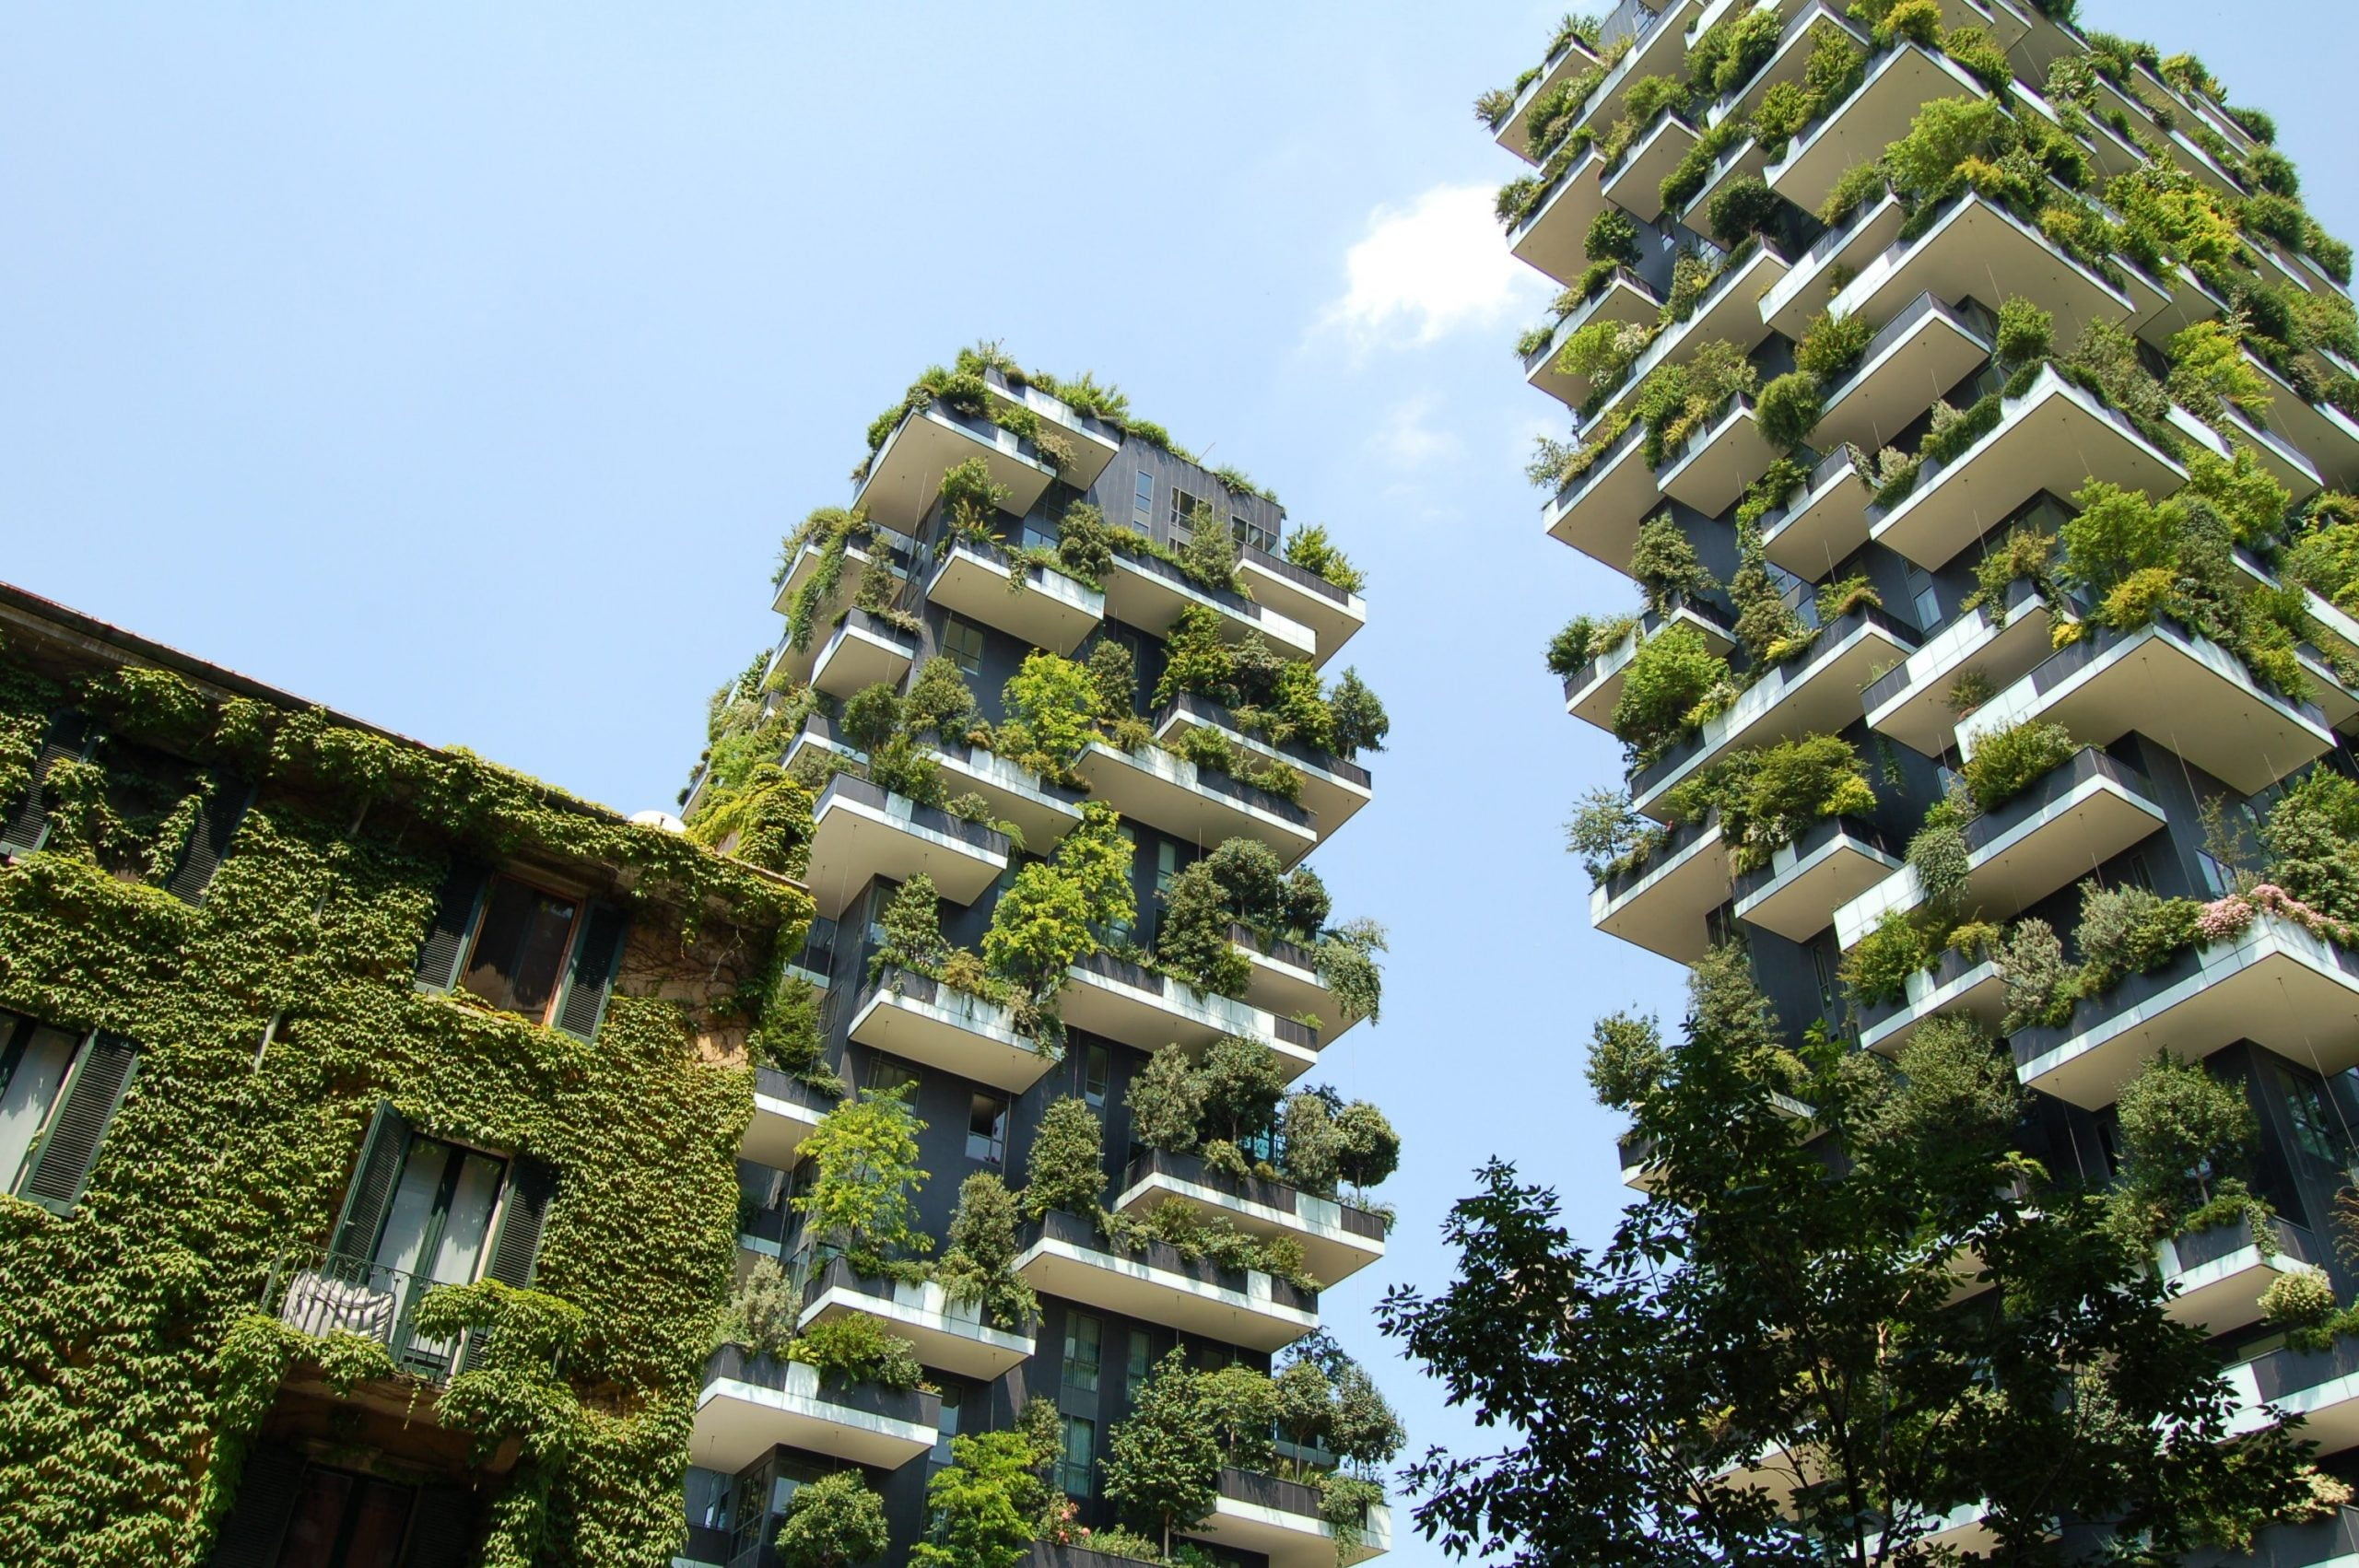 Turn Your Balcony into an Edible Garden